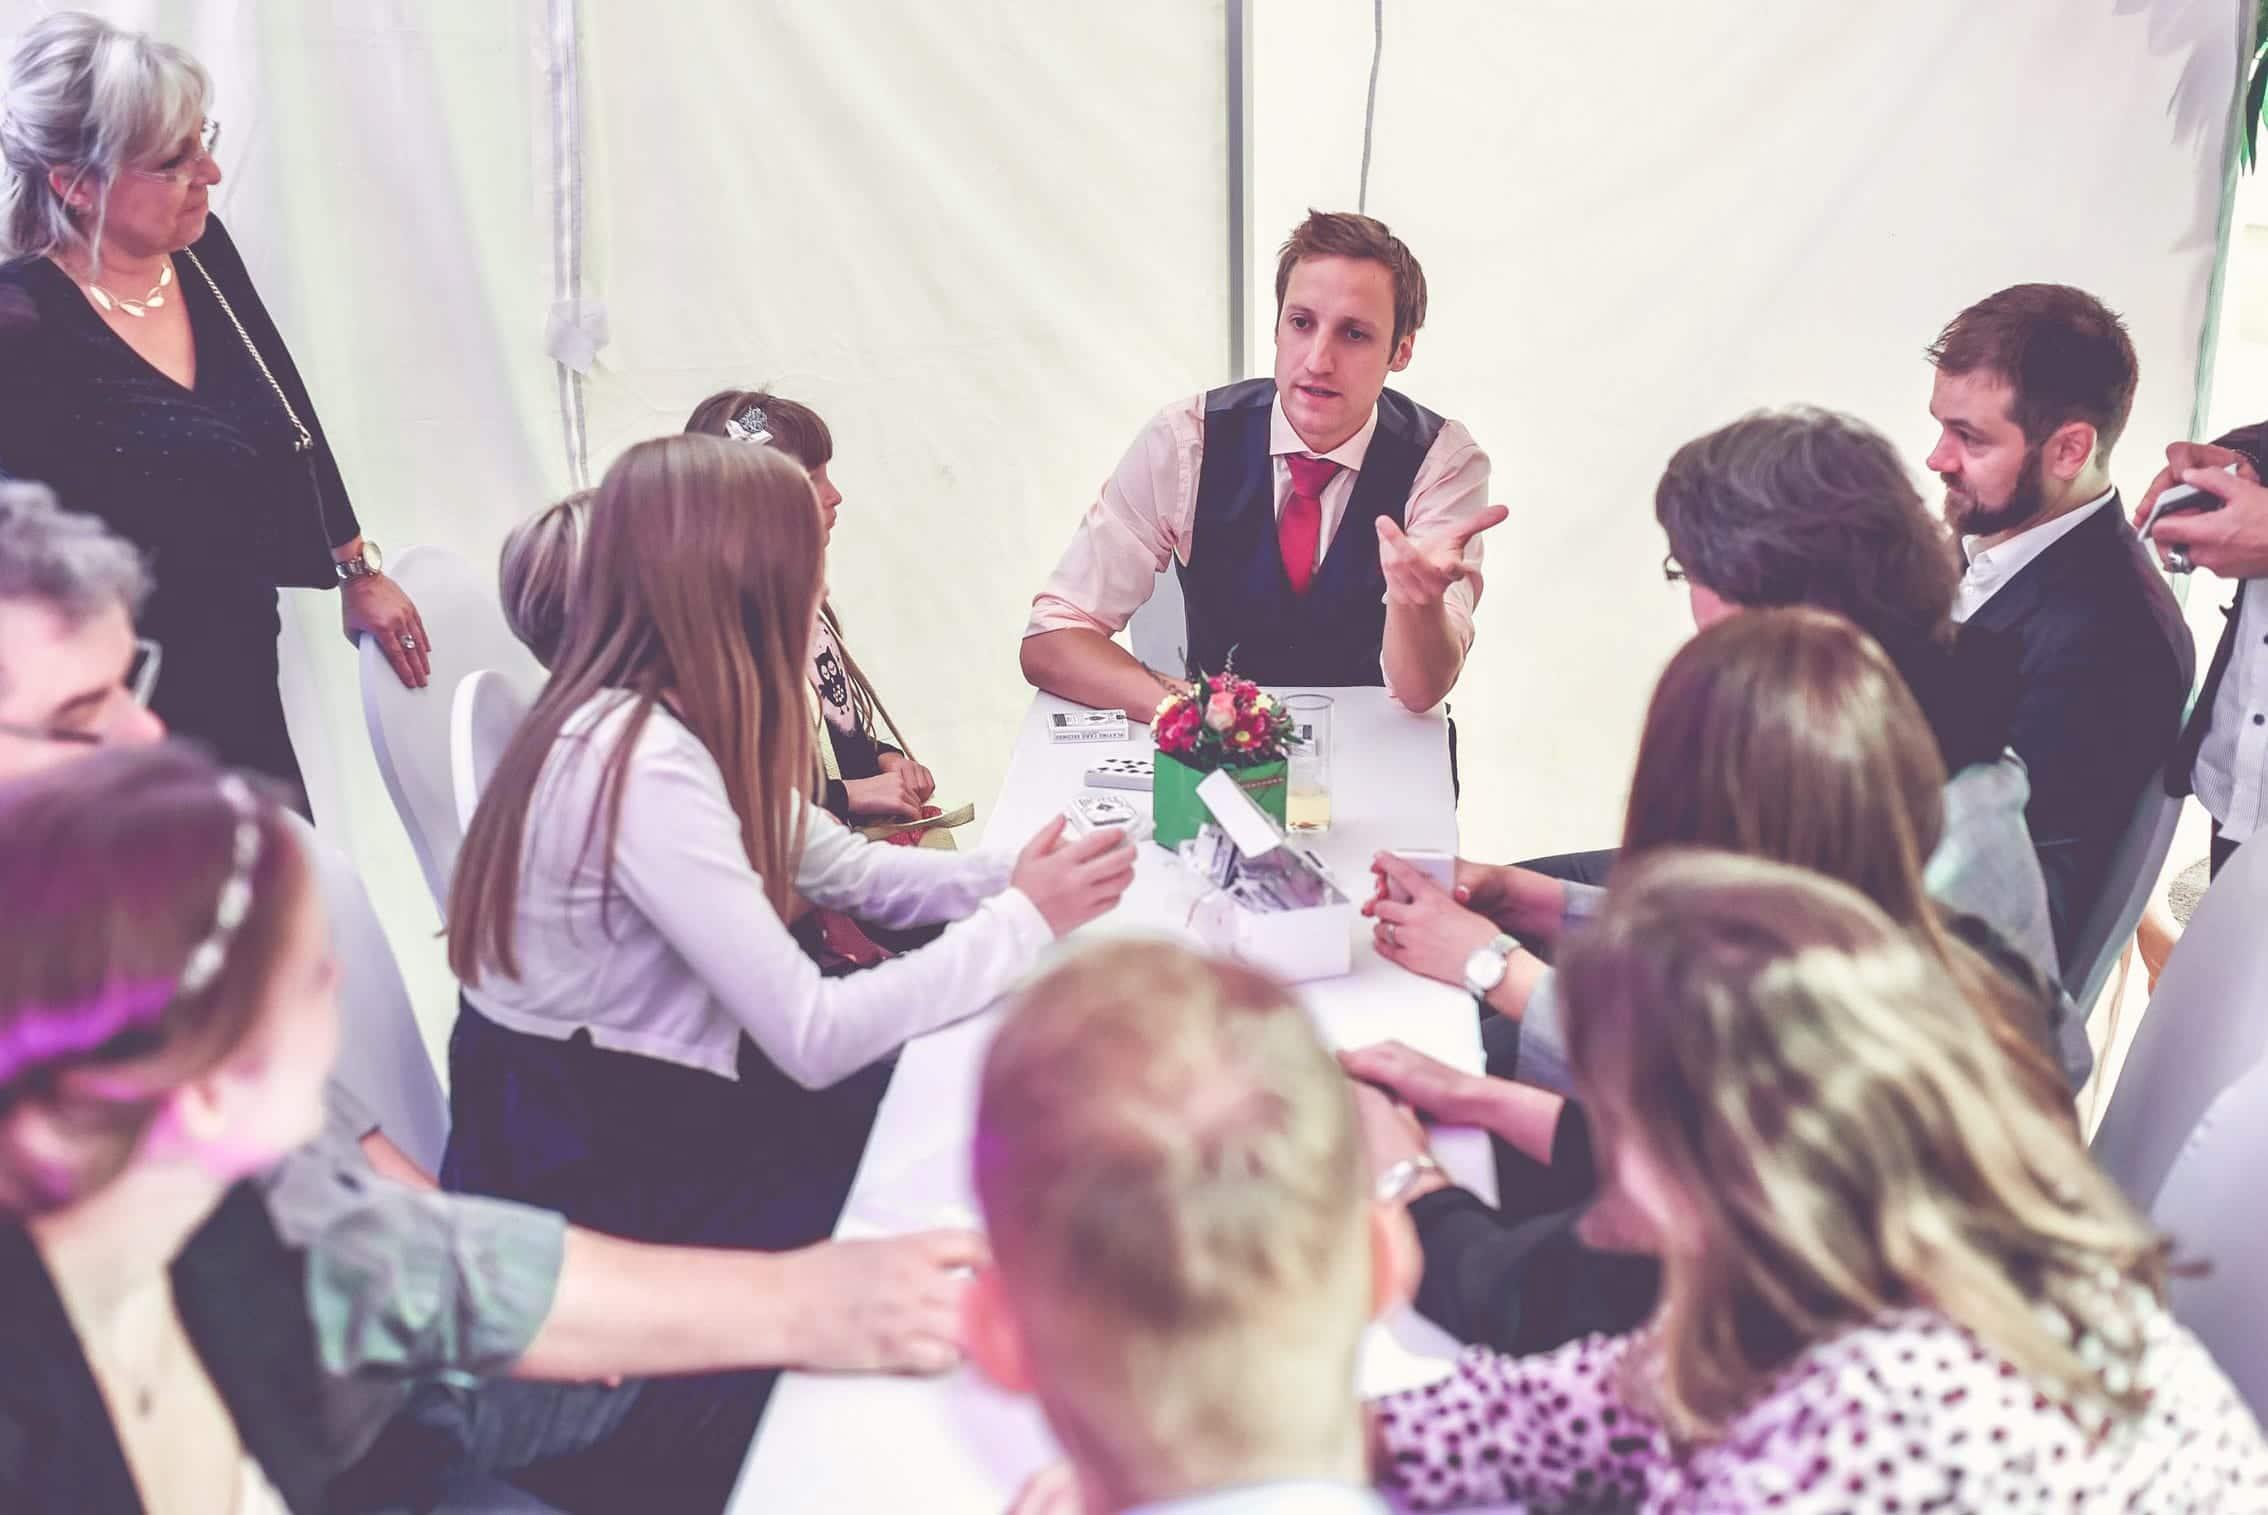 Der Zauberer bringt den Mitarbeitern bei einer Betriebsfeier einen Zaubertrick bei. Sie sitzen am Tisch und hören aufmerksam zu. Auf dem Tisch liegen Spielkarten.